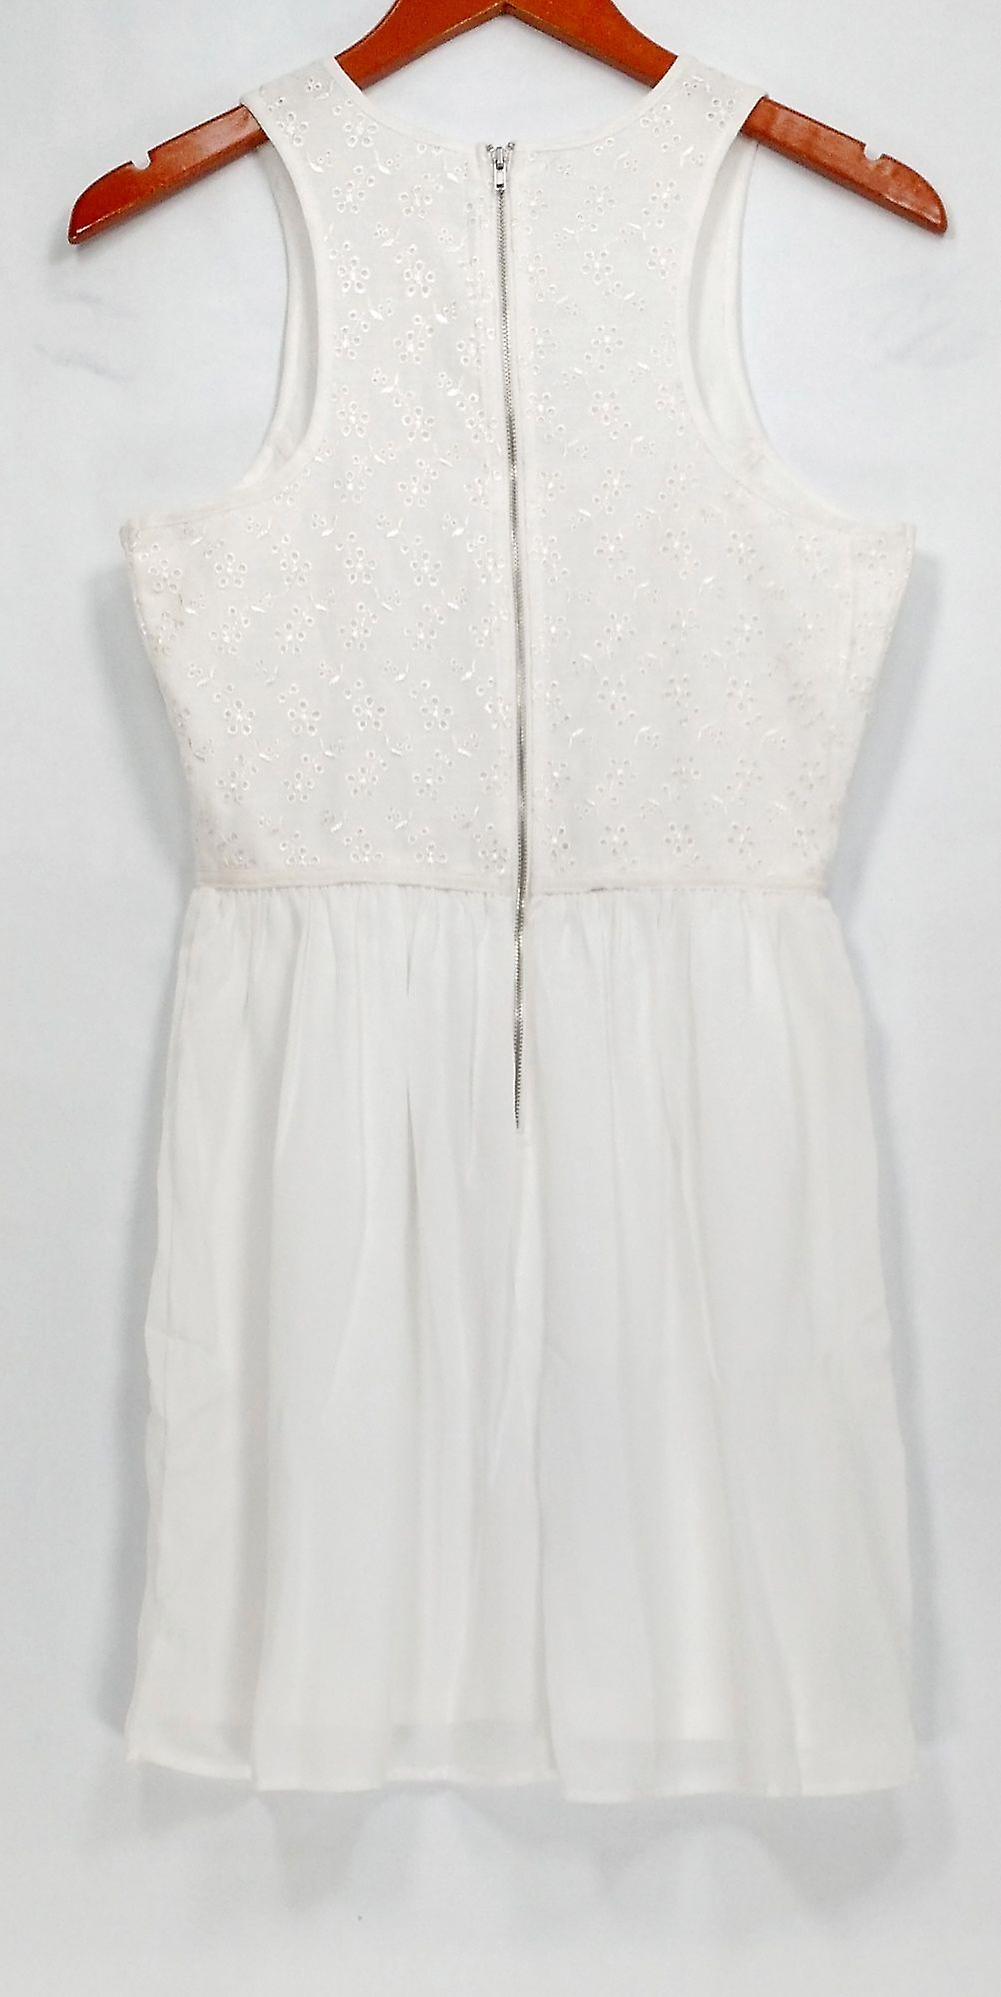 Socialite Dress Sleeveless Embellished Back Zippered White